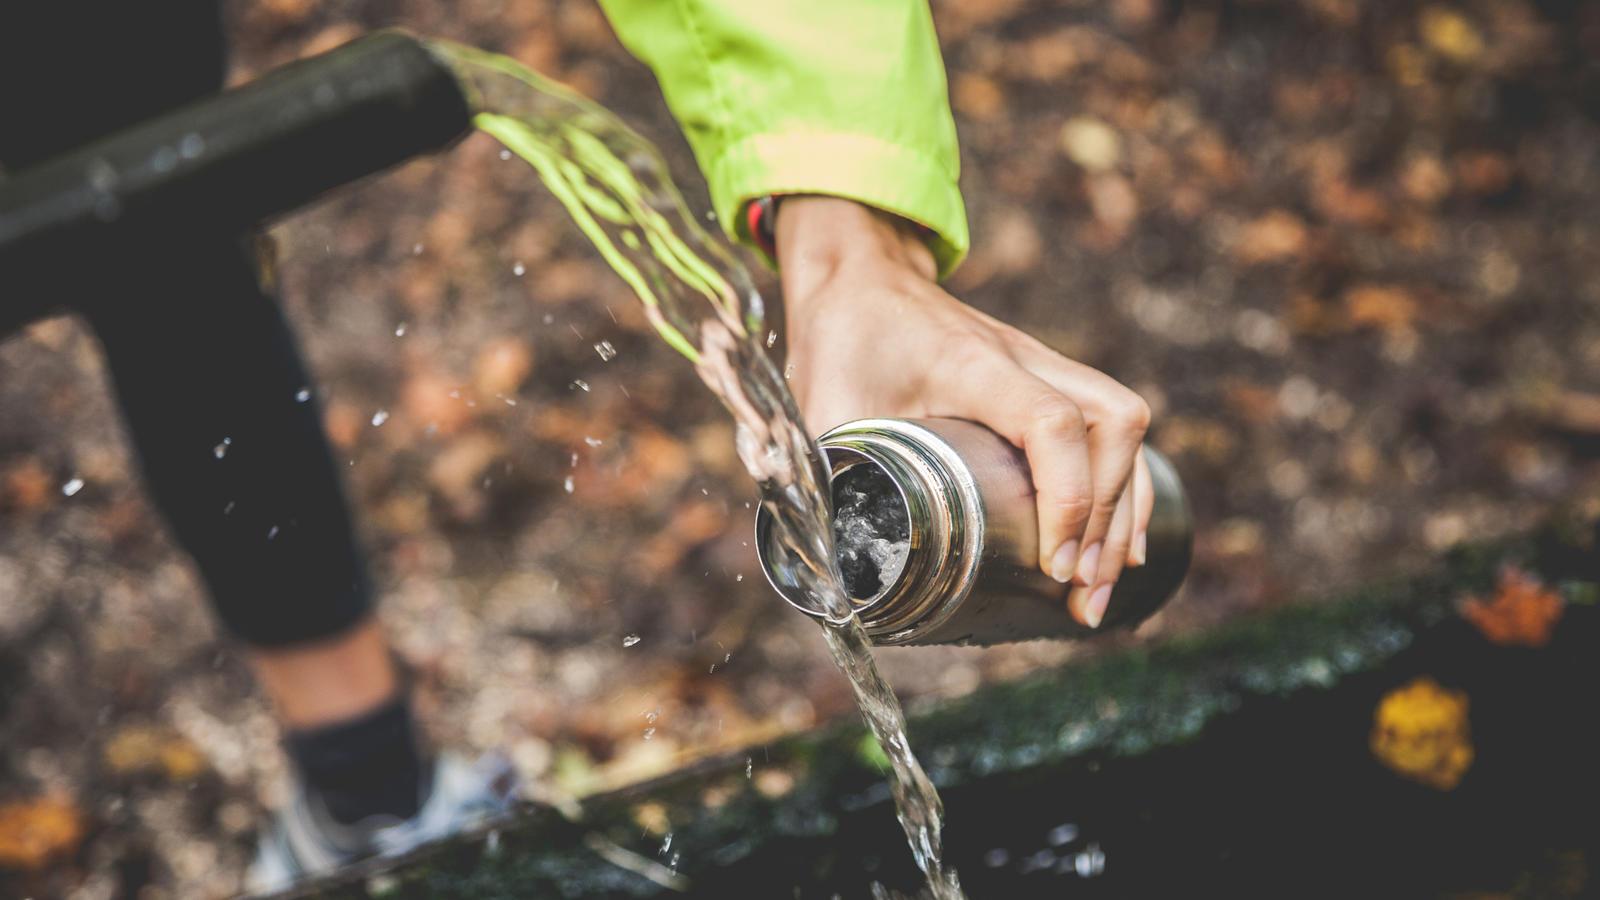 Refill ist die deutsche Version des amerikanischen Reefills. Die App soll dafür sorgen, dass weniger Wasser in Plastikflaschen gekauft wird.